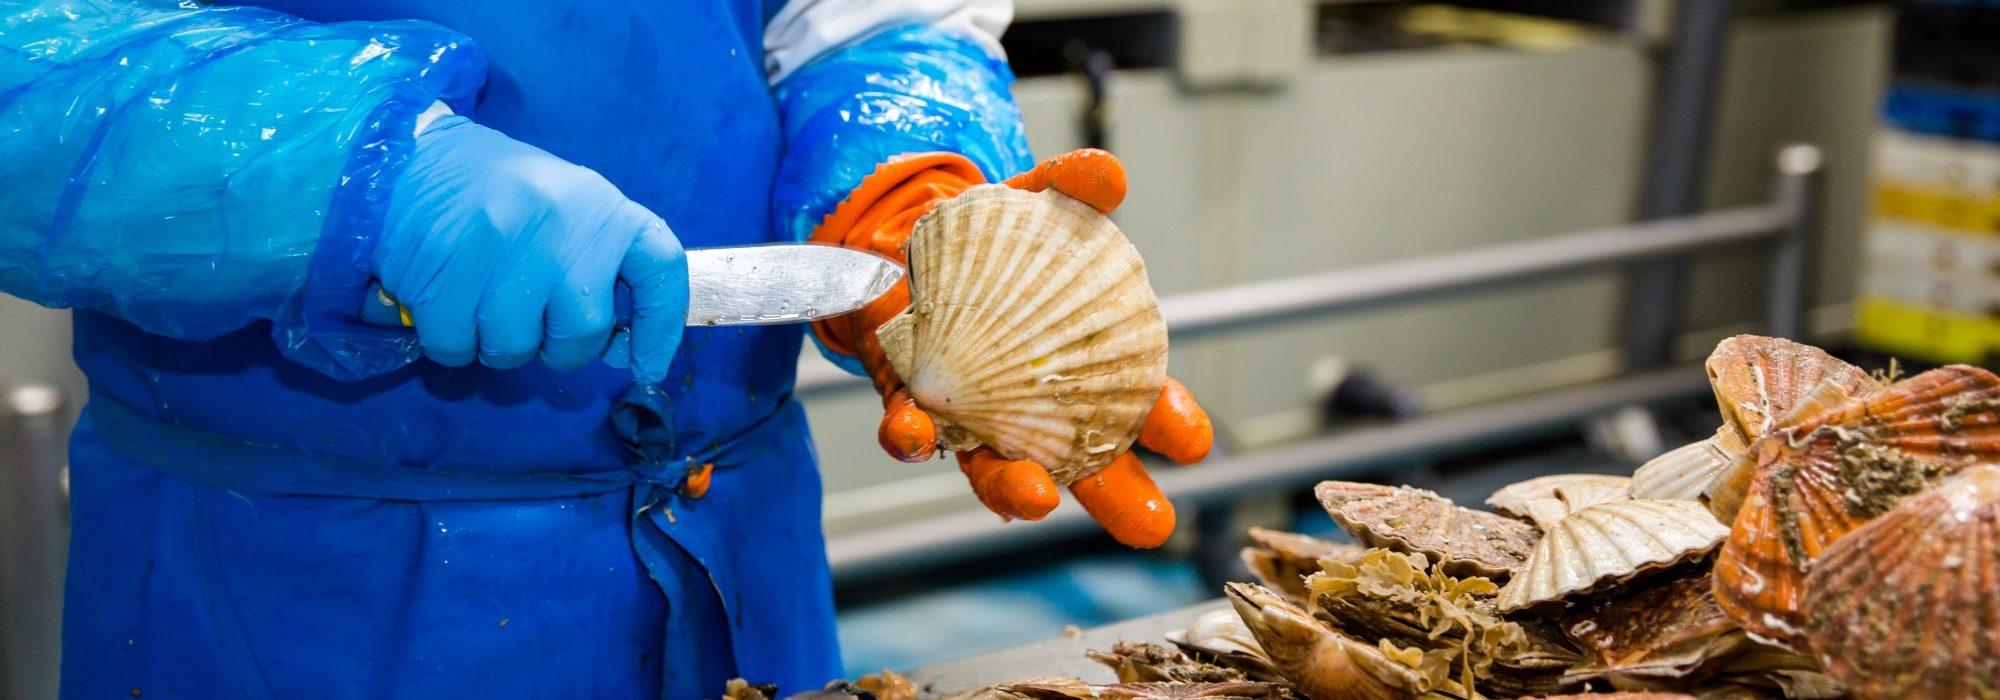 coquille st jacques Rouen Marée et Manche Marée fournisseur de produits de la mer